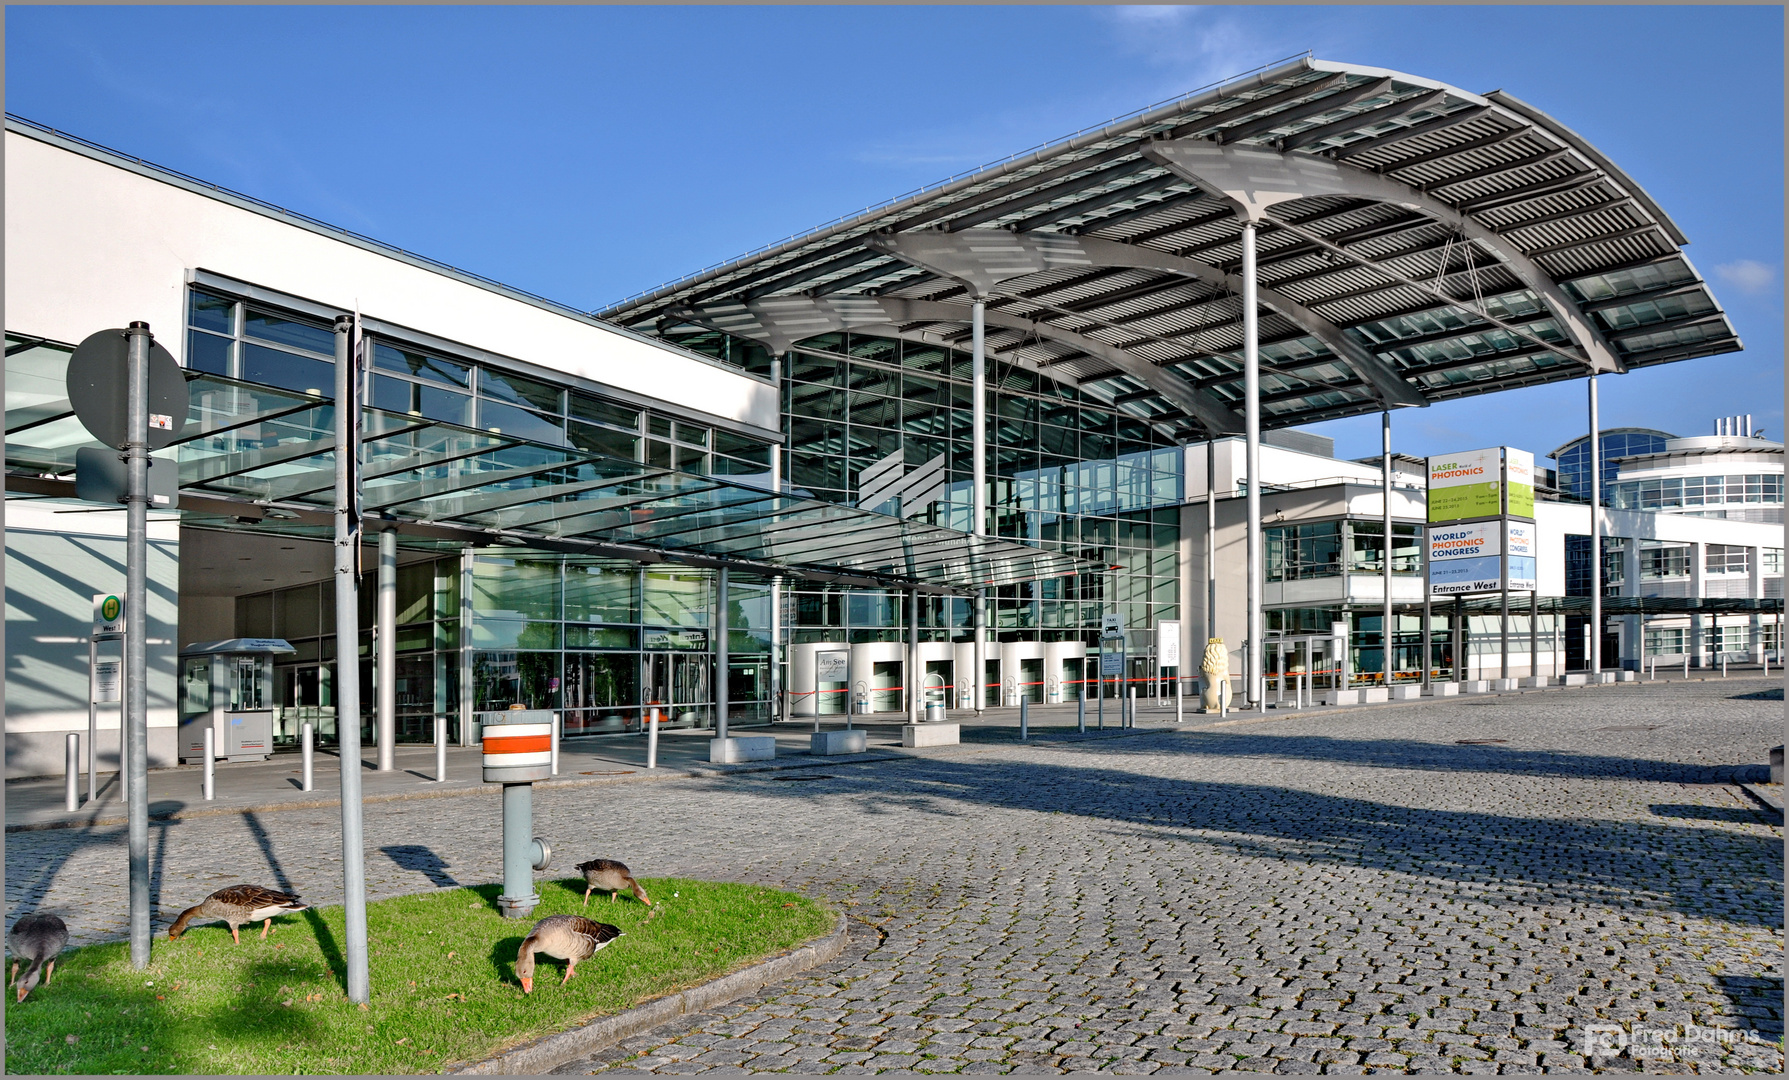 Messestadt München Riem Iv Foto Bild Deutschland Europe Bayern